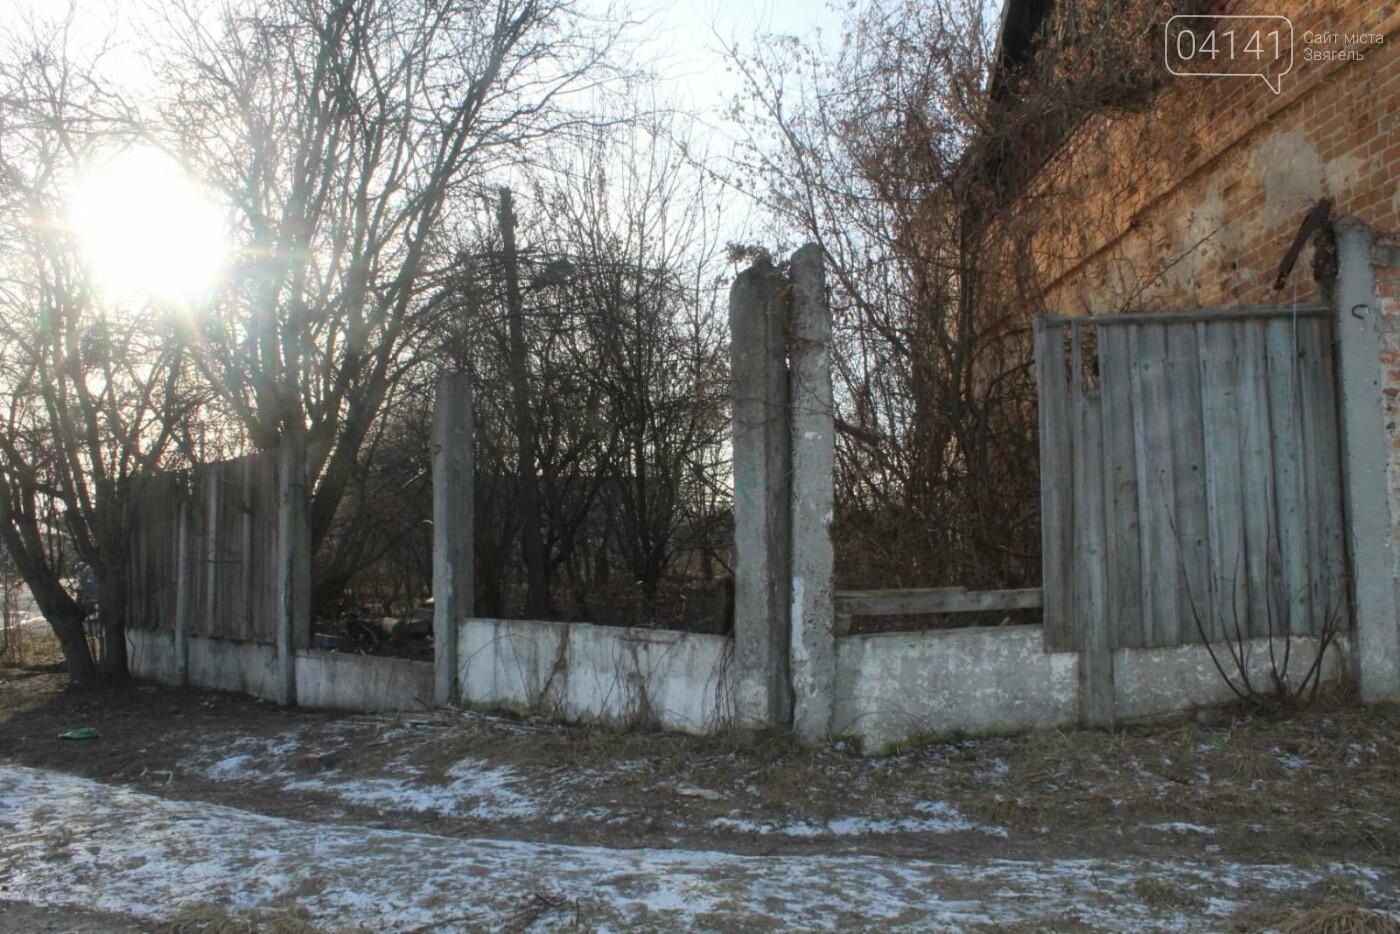 Вітер гуляє: Як сьогодні виглядає найстаріша будівля Новограда-Волинського (ФОТОРЕПОРТАЖ), фото-11